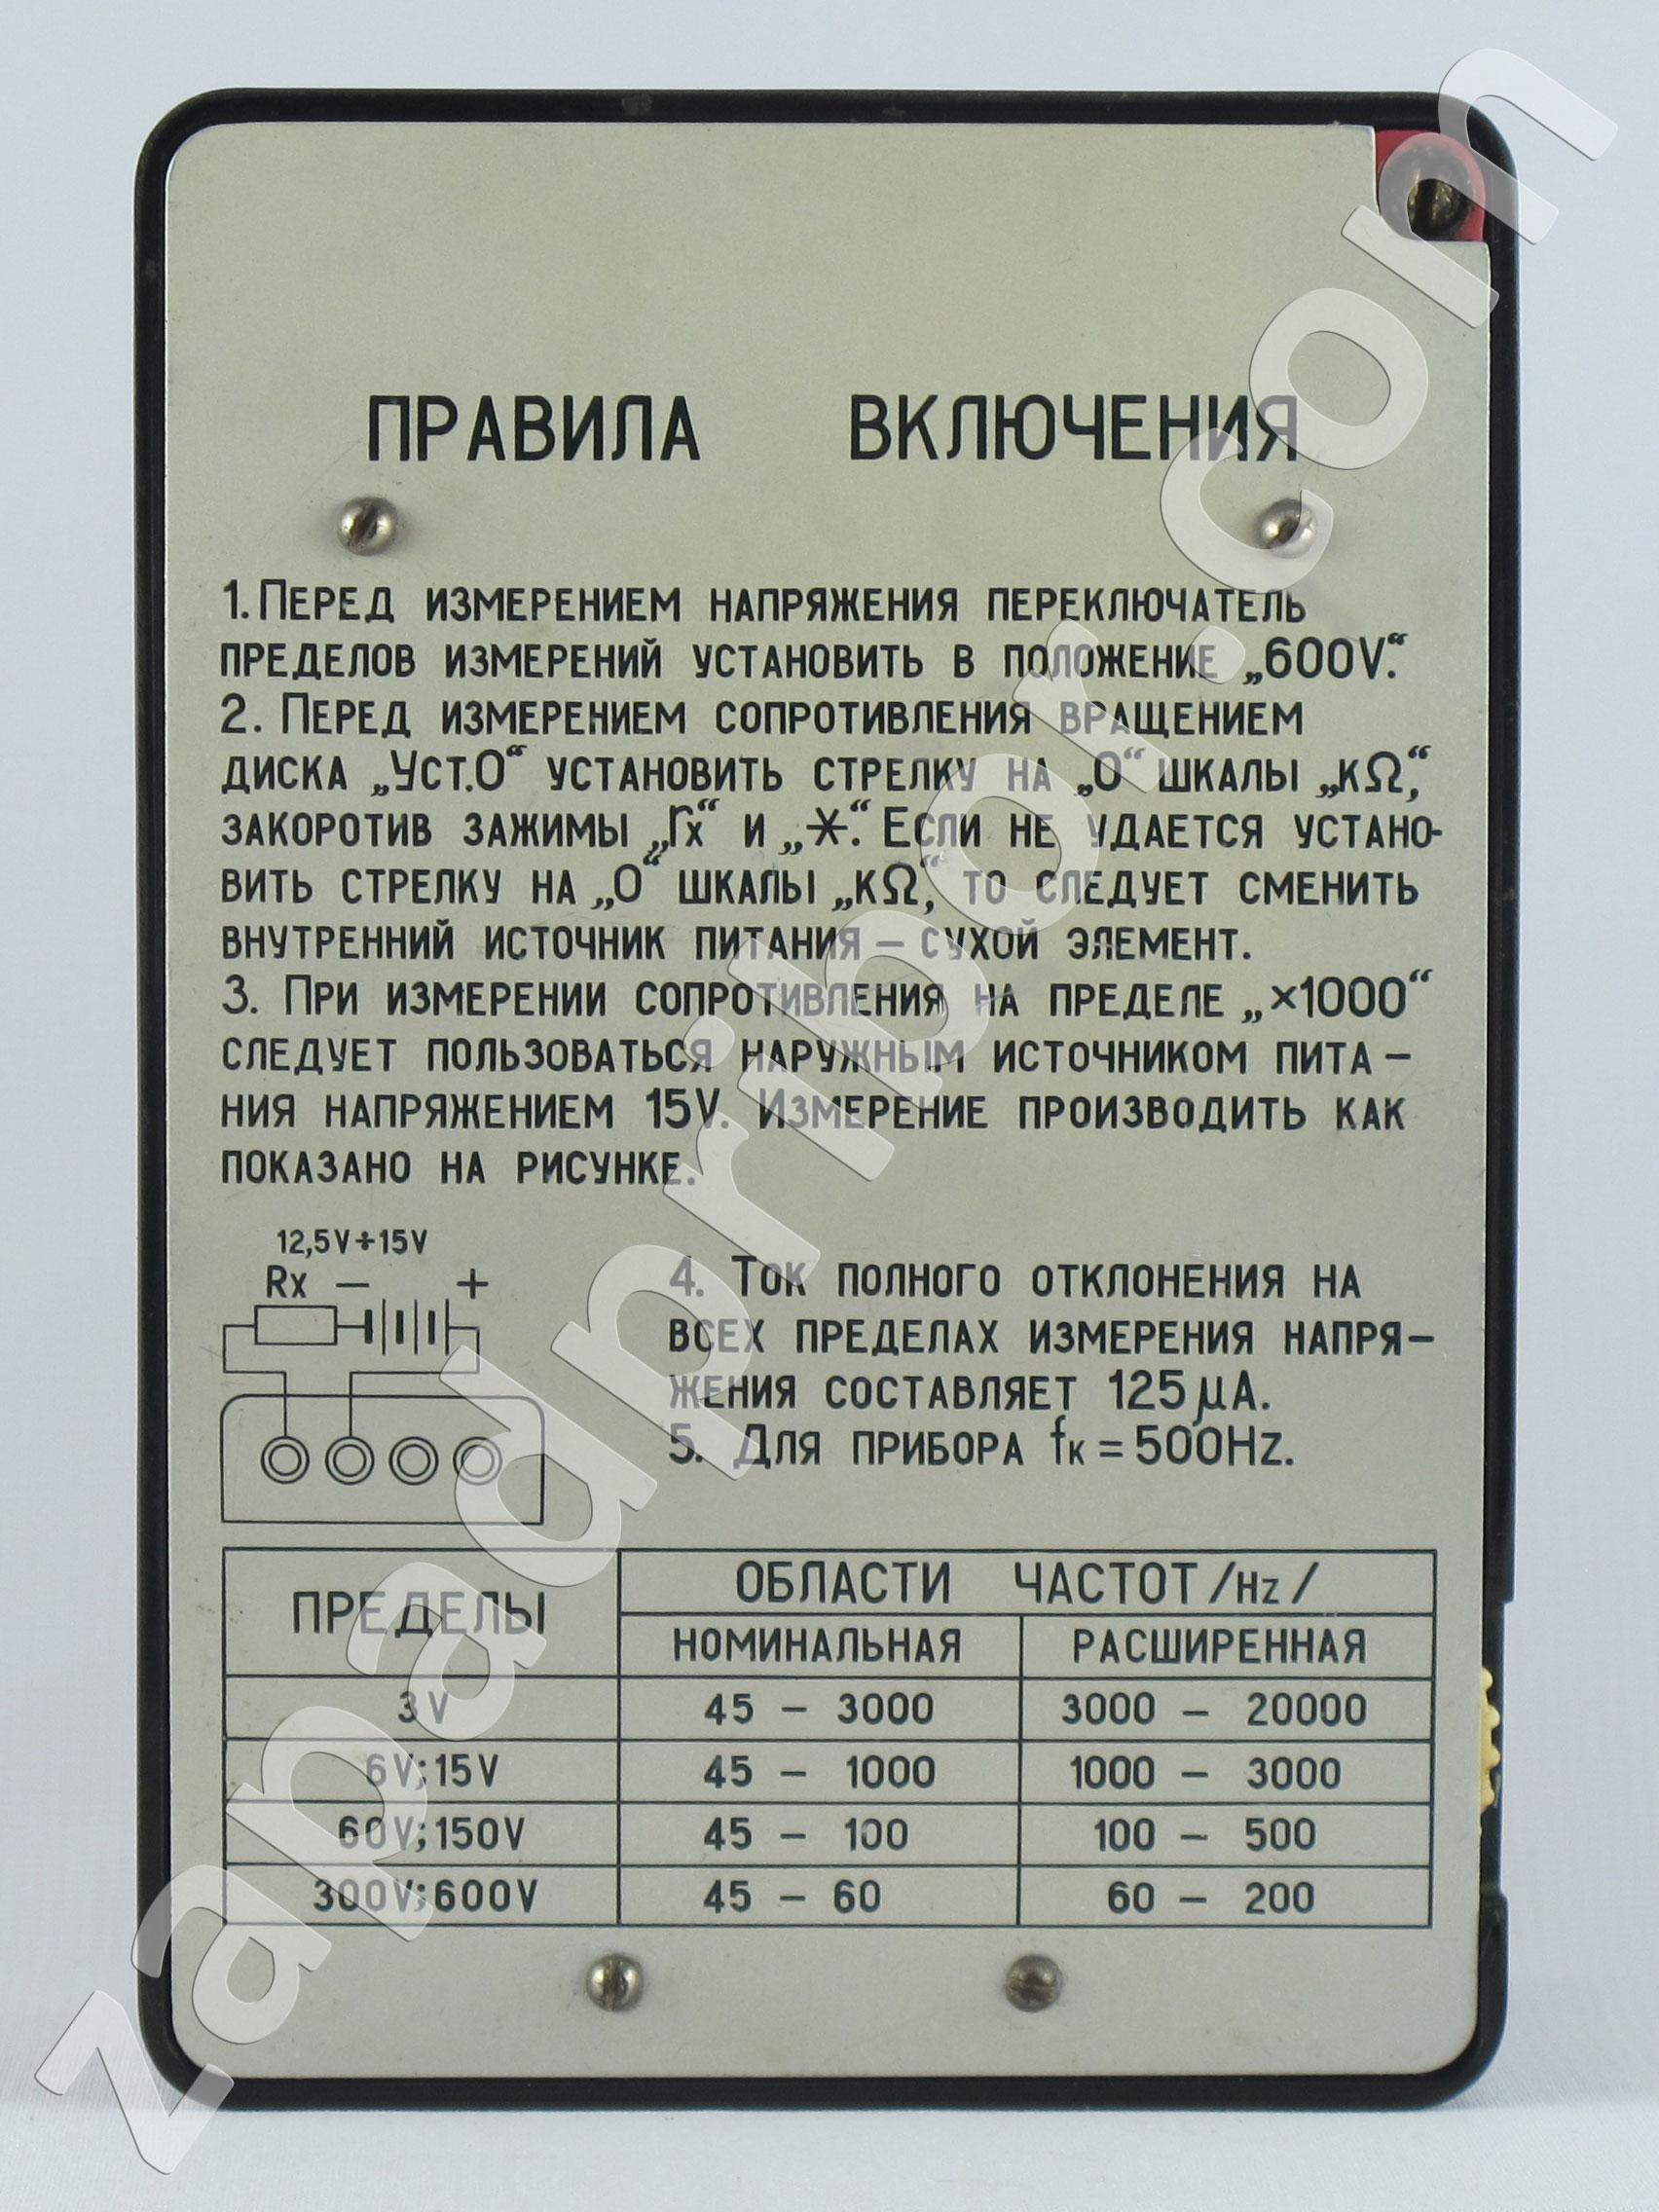 прибор ц4313 схема монтажная